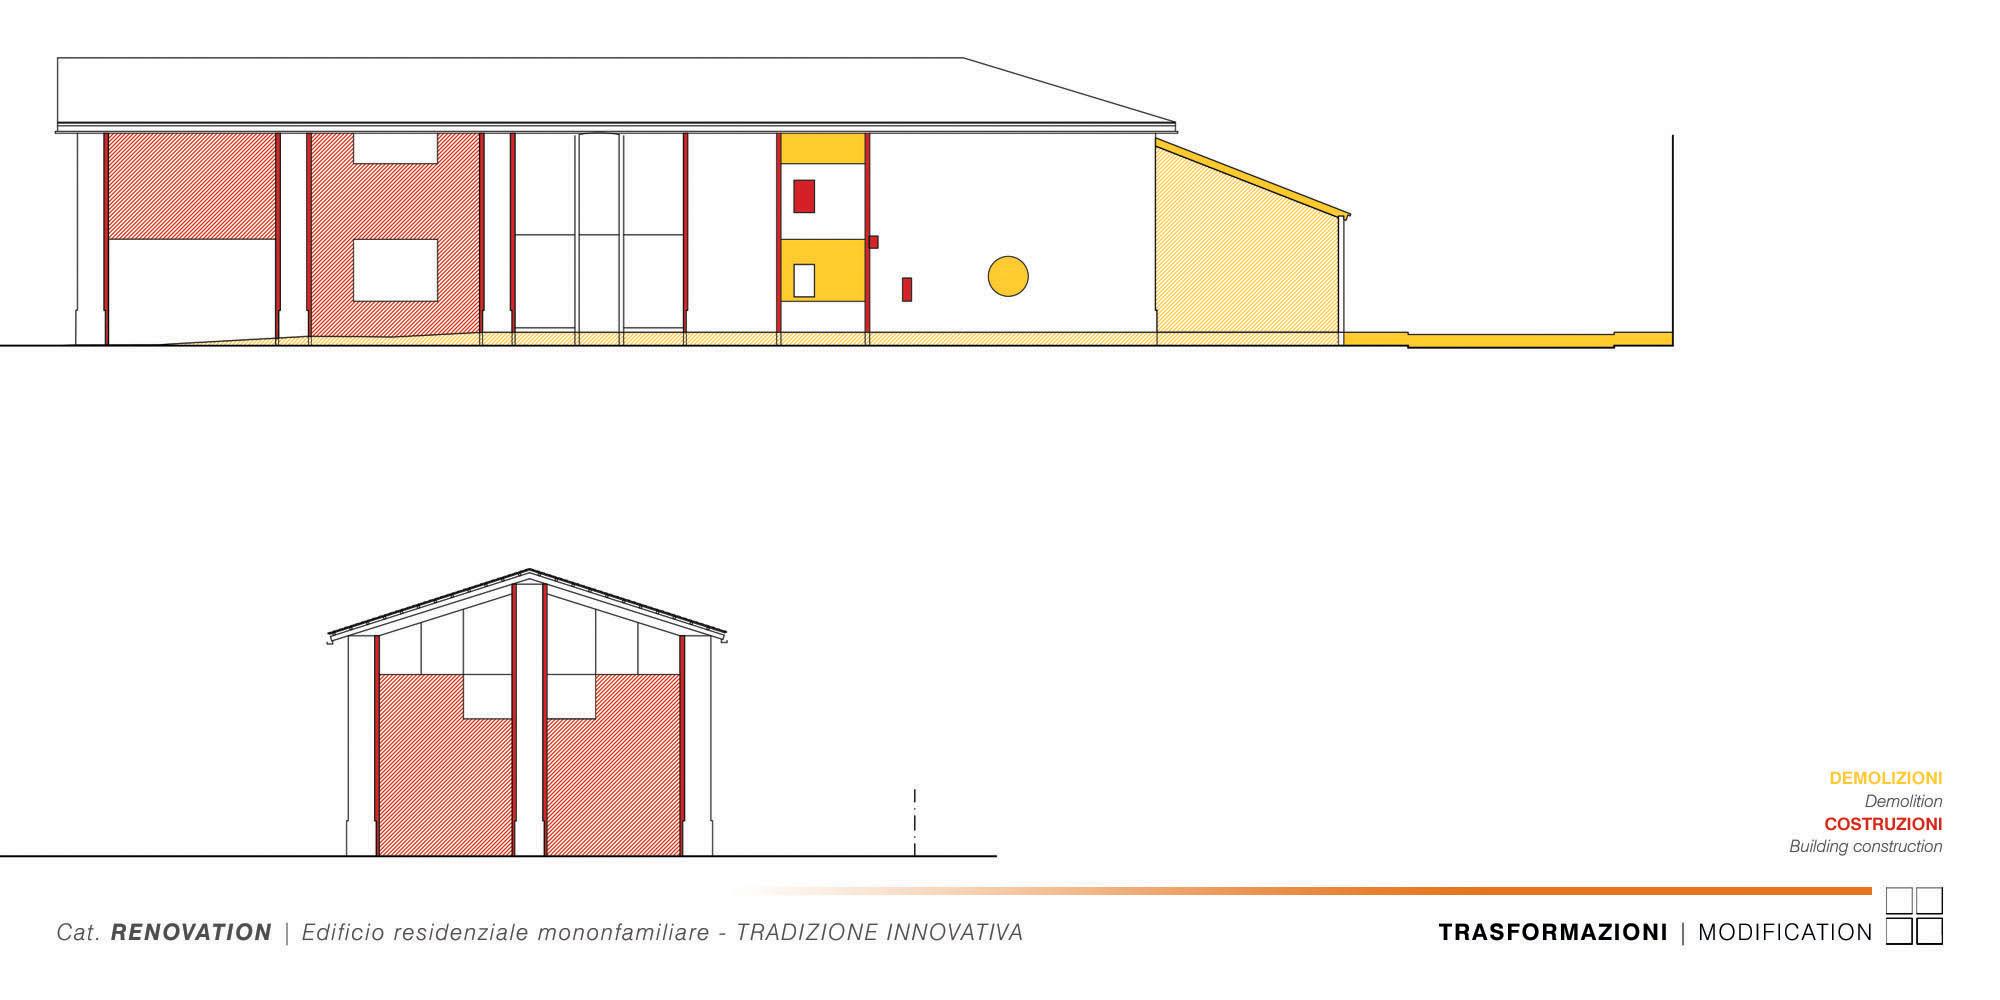 Edificio Residenziale Monofamiliare - TRADIZIONE INNOVATIVA - 010 - E.E.-S.E. Modification }